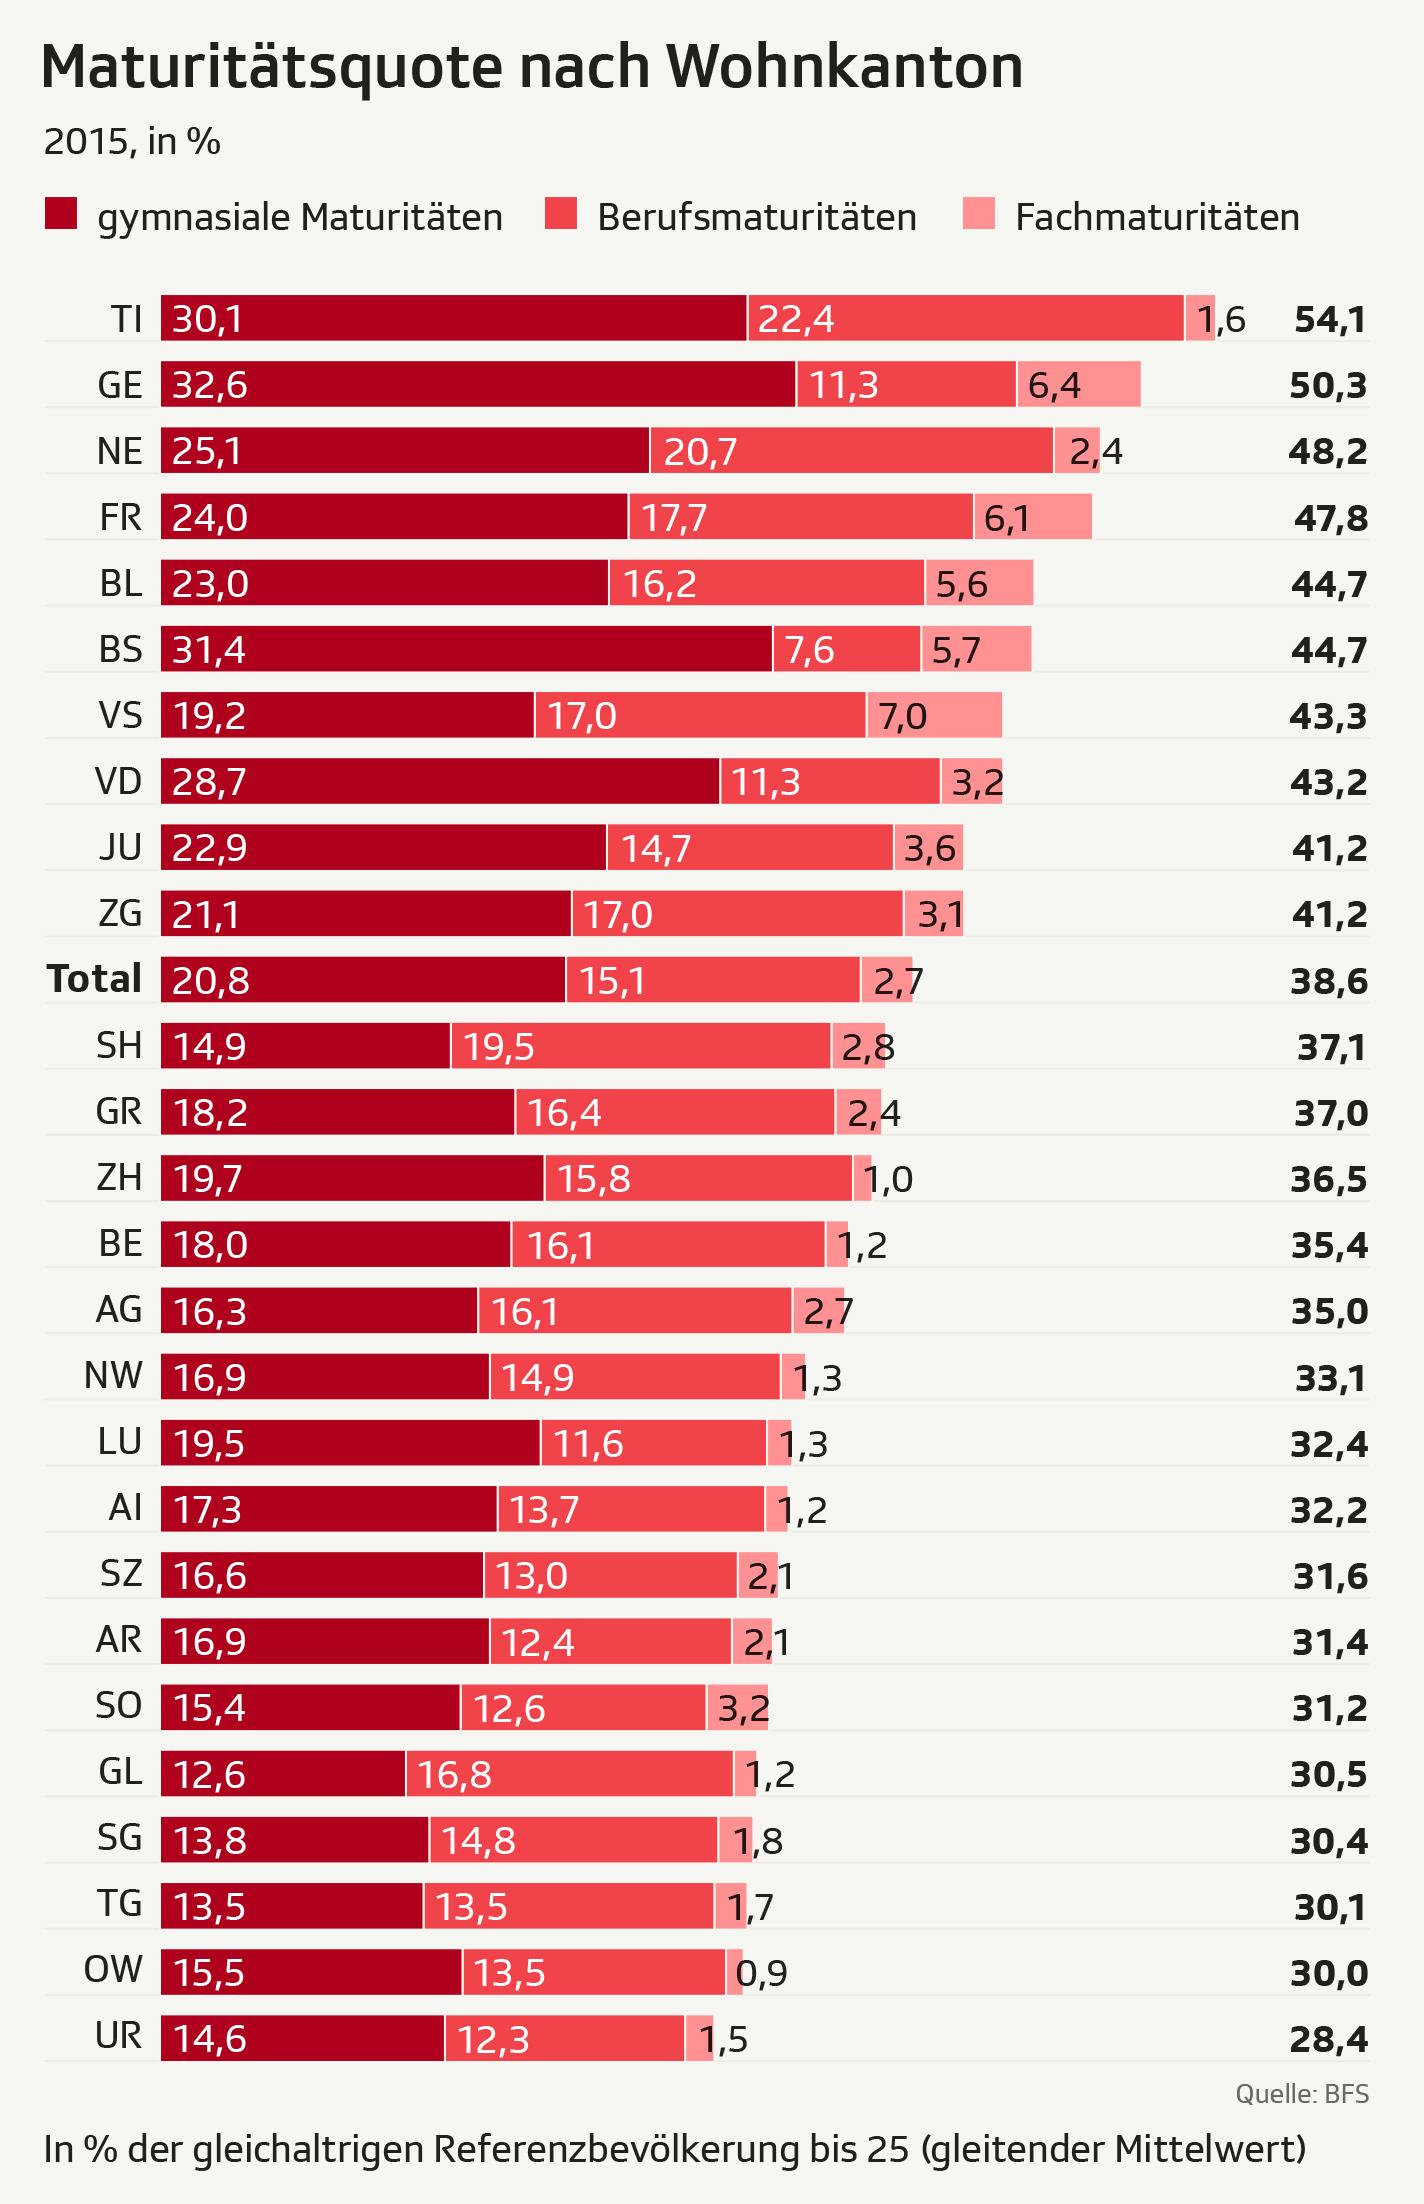 Infografik: Maturitaetsquote